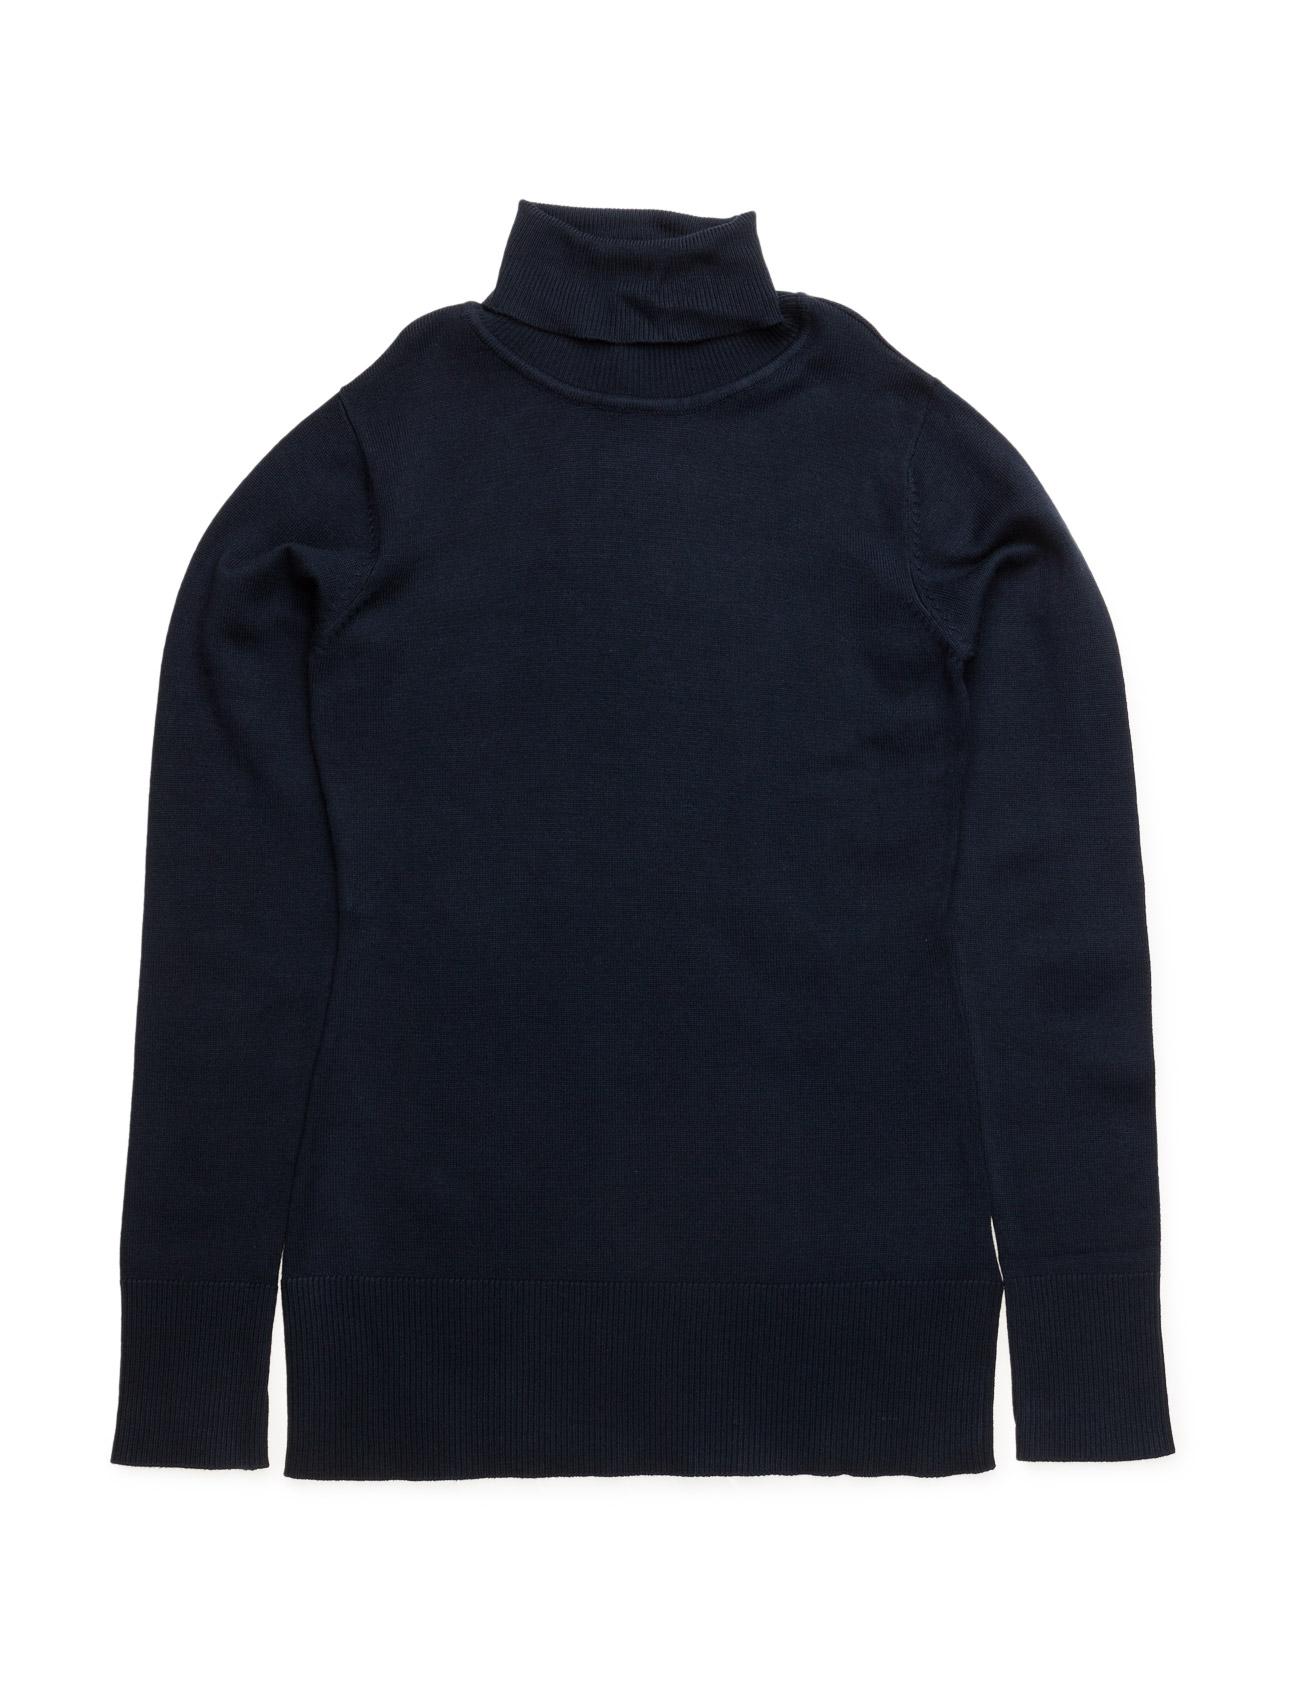 Nette Knit Blouse D-xel Pullovers til Piger i Navy blå